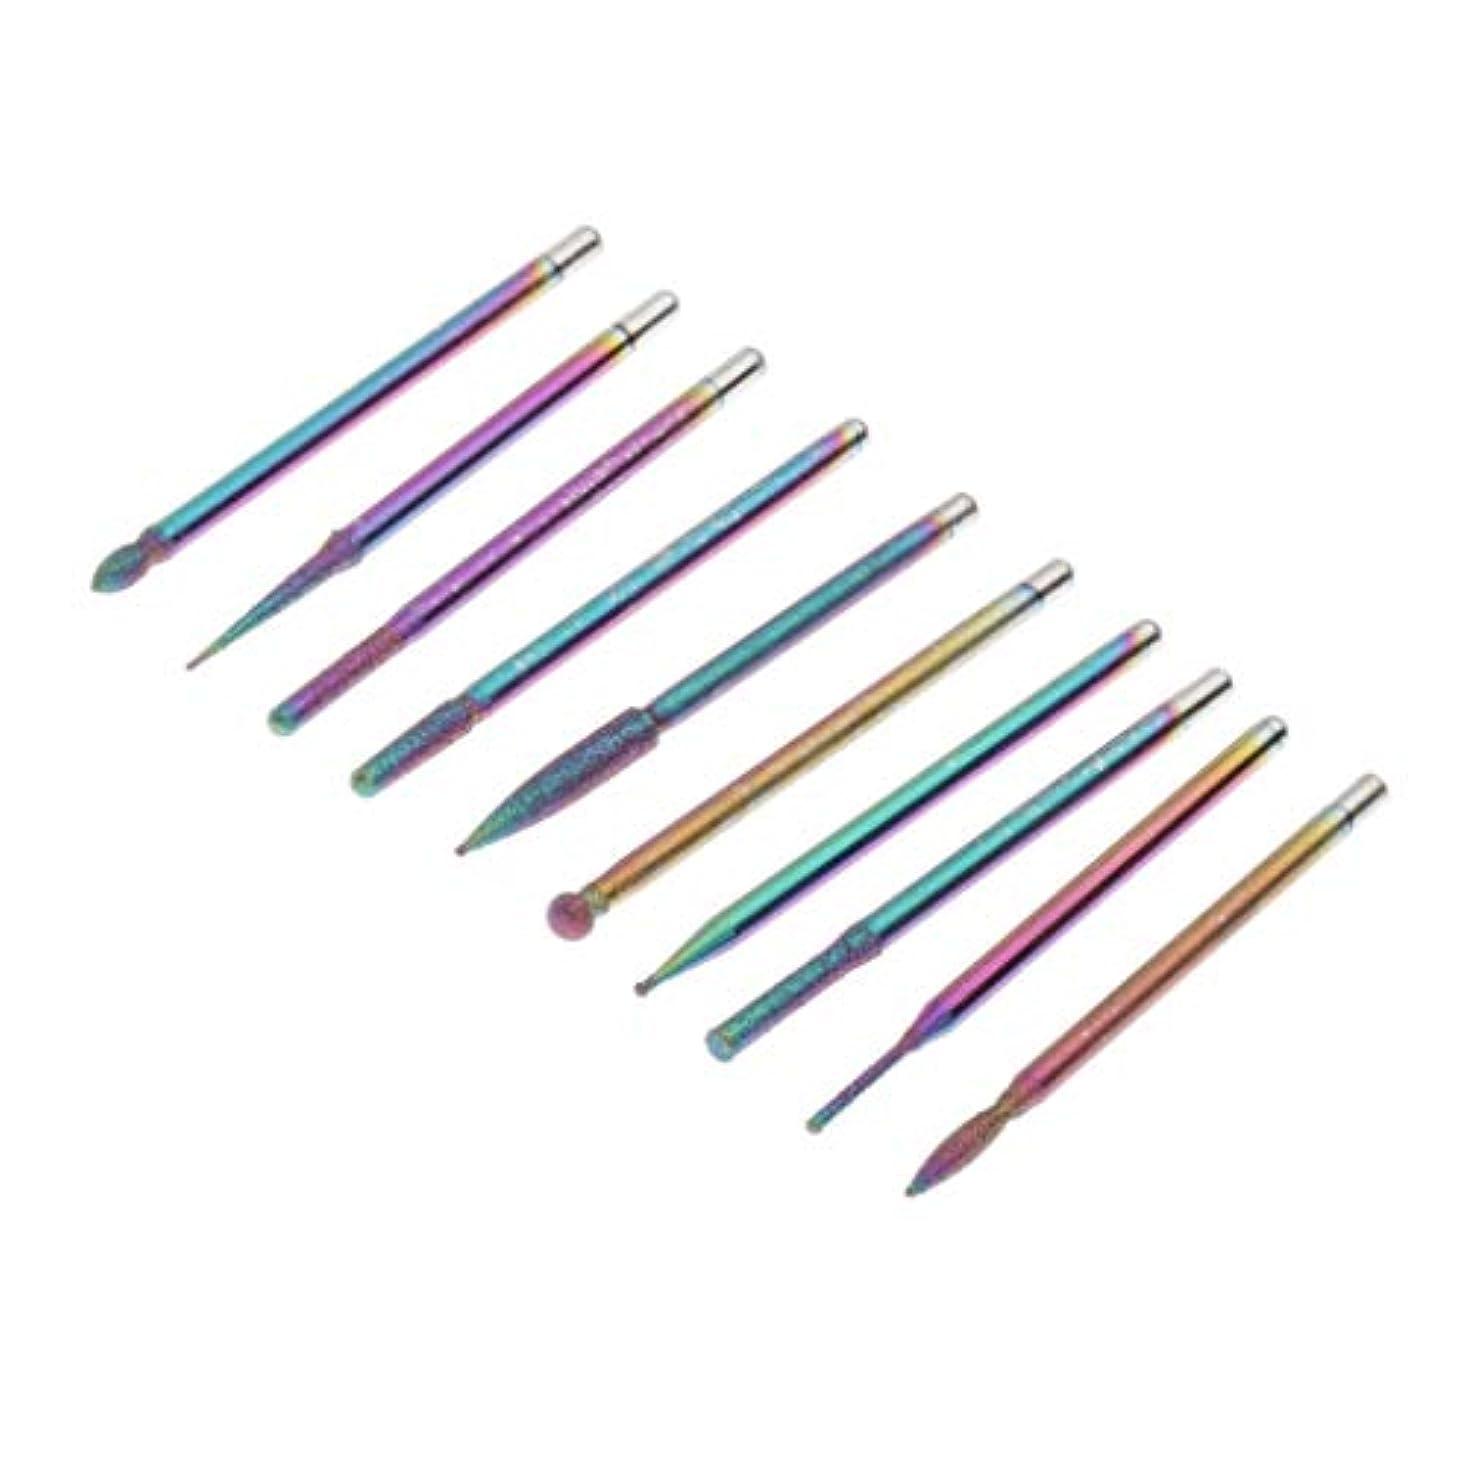 原稿掻くがんばり続けるSM SunniMix ネイルアート ドリルビット セット 研削ヘッド 研磨ヘッド ネイルビット 爪磨き ツール 約10個 全3色 - 03